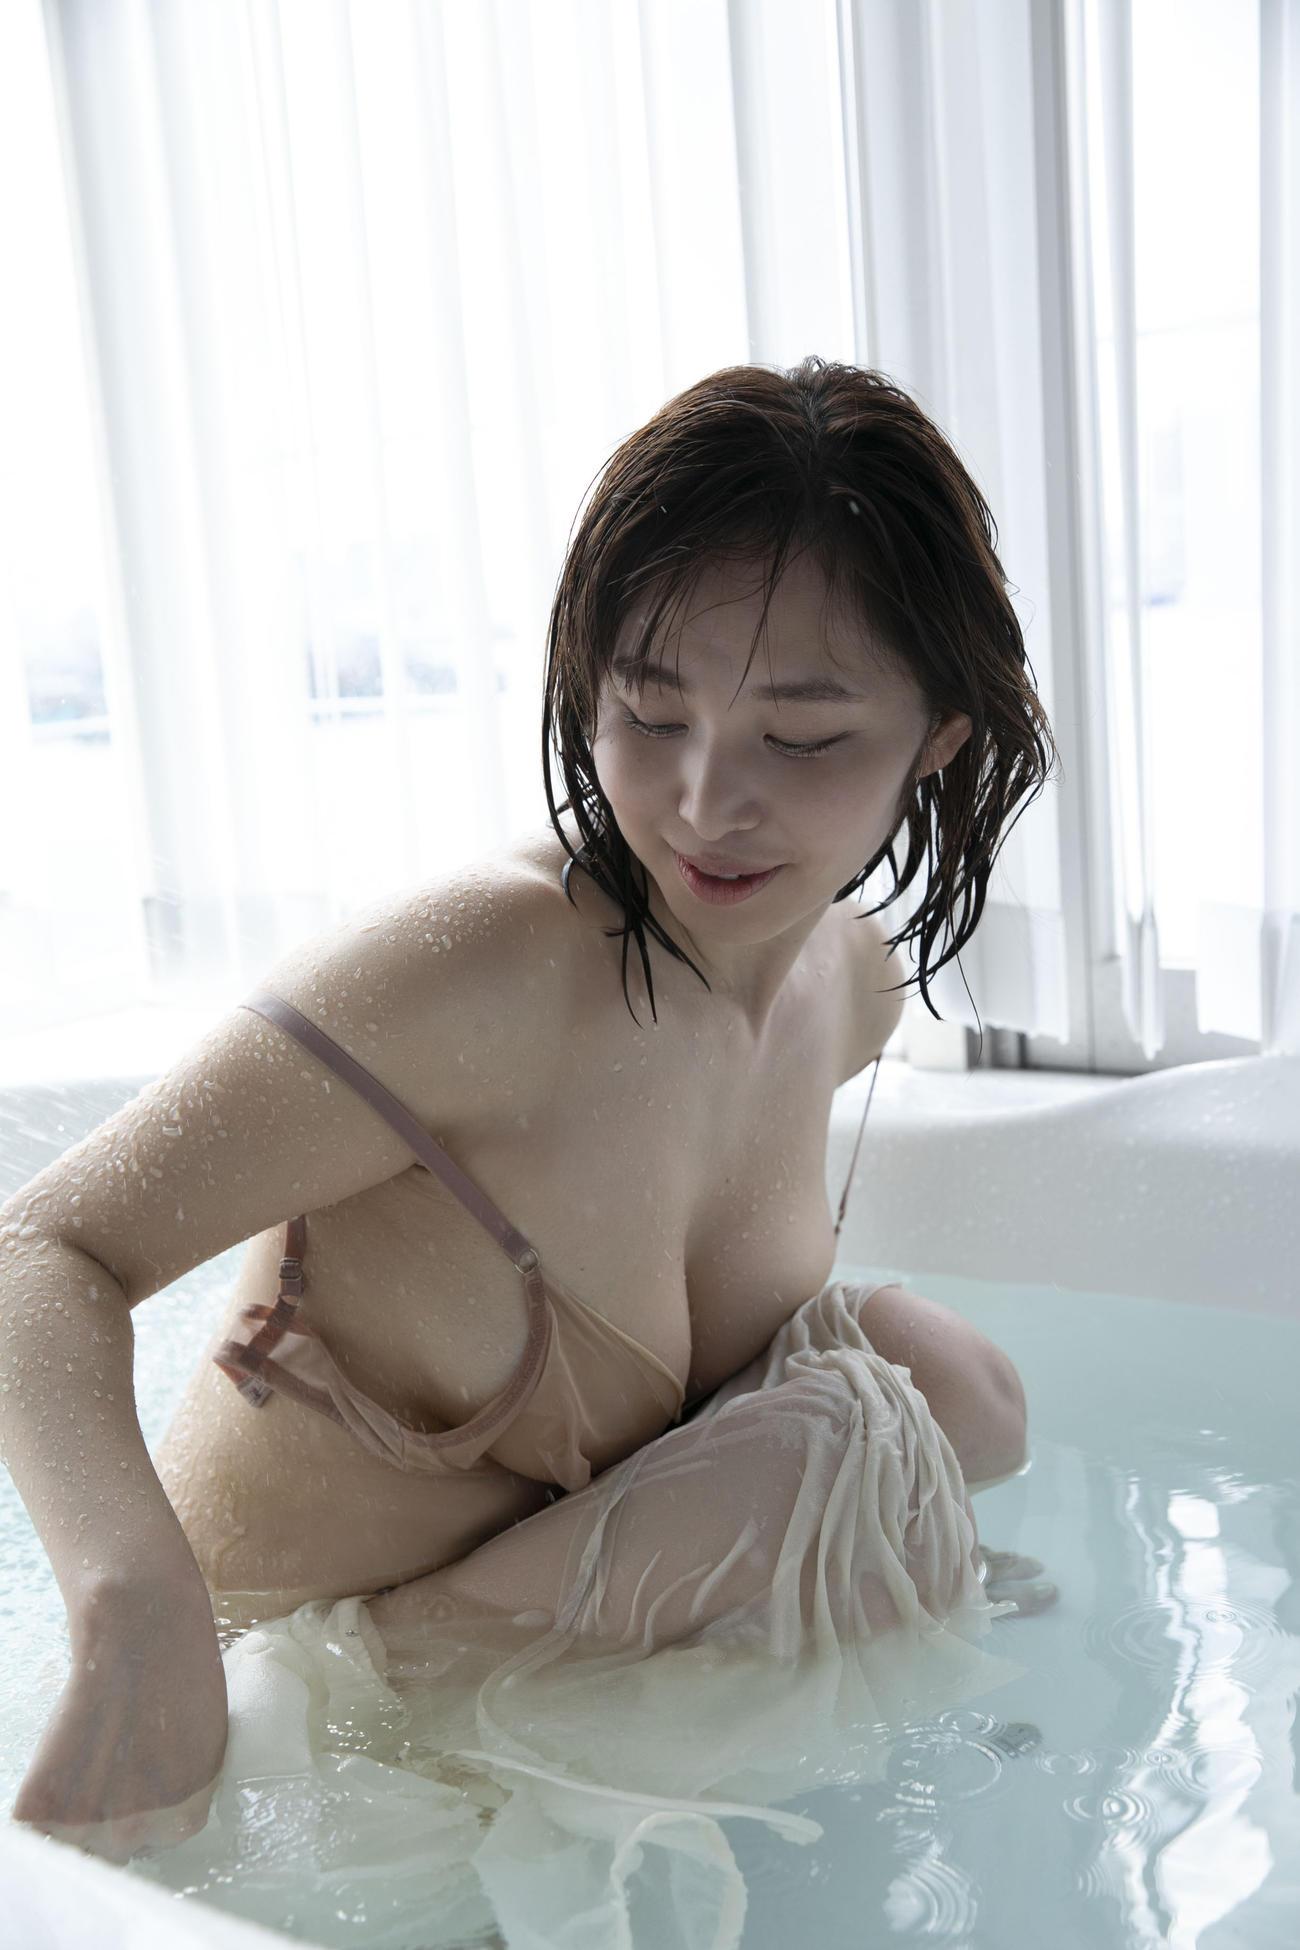 塩地美澄part21 ->画像>241枚